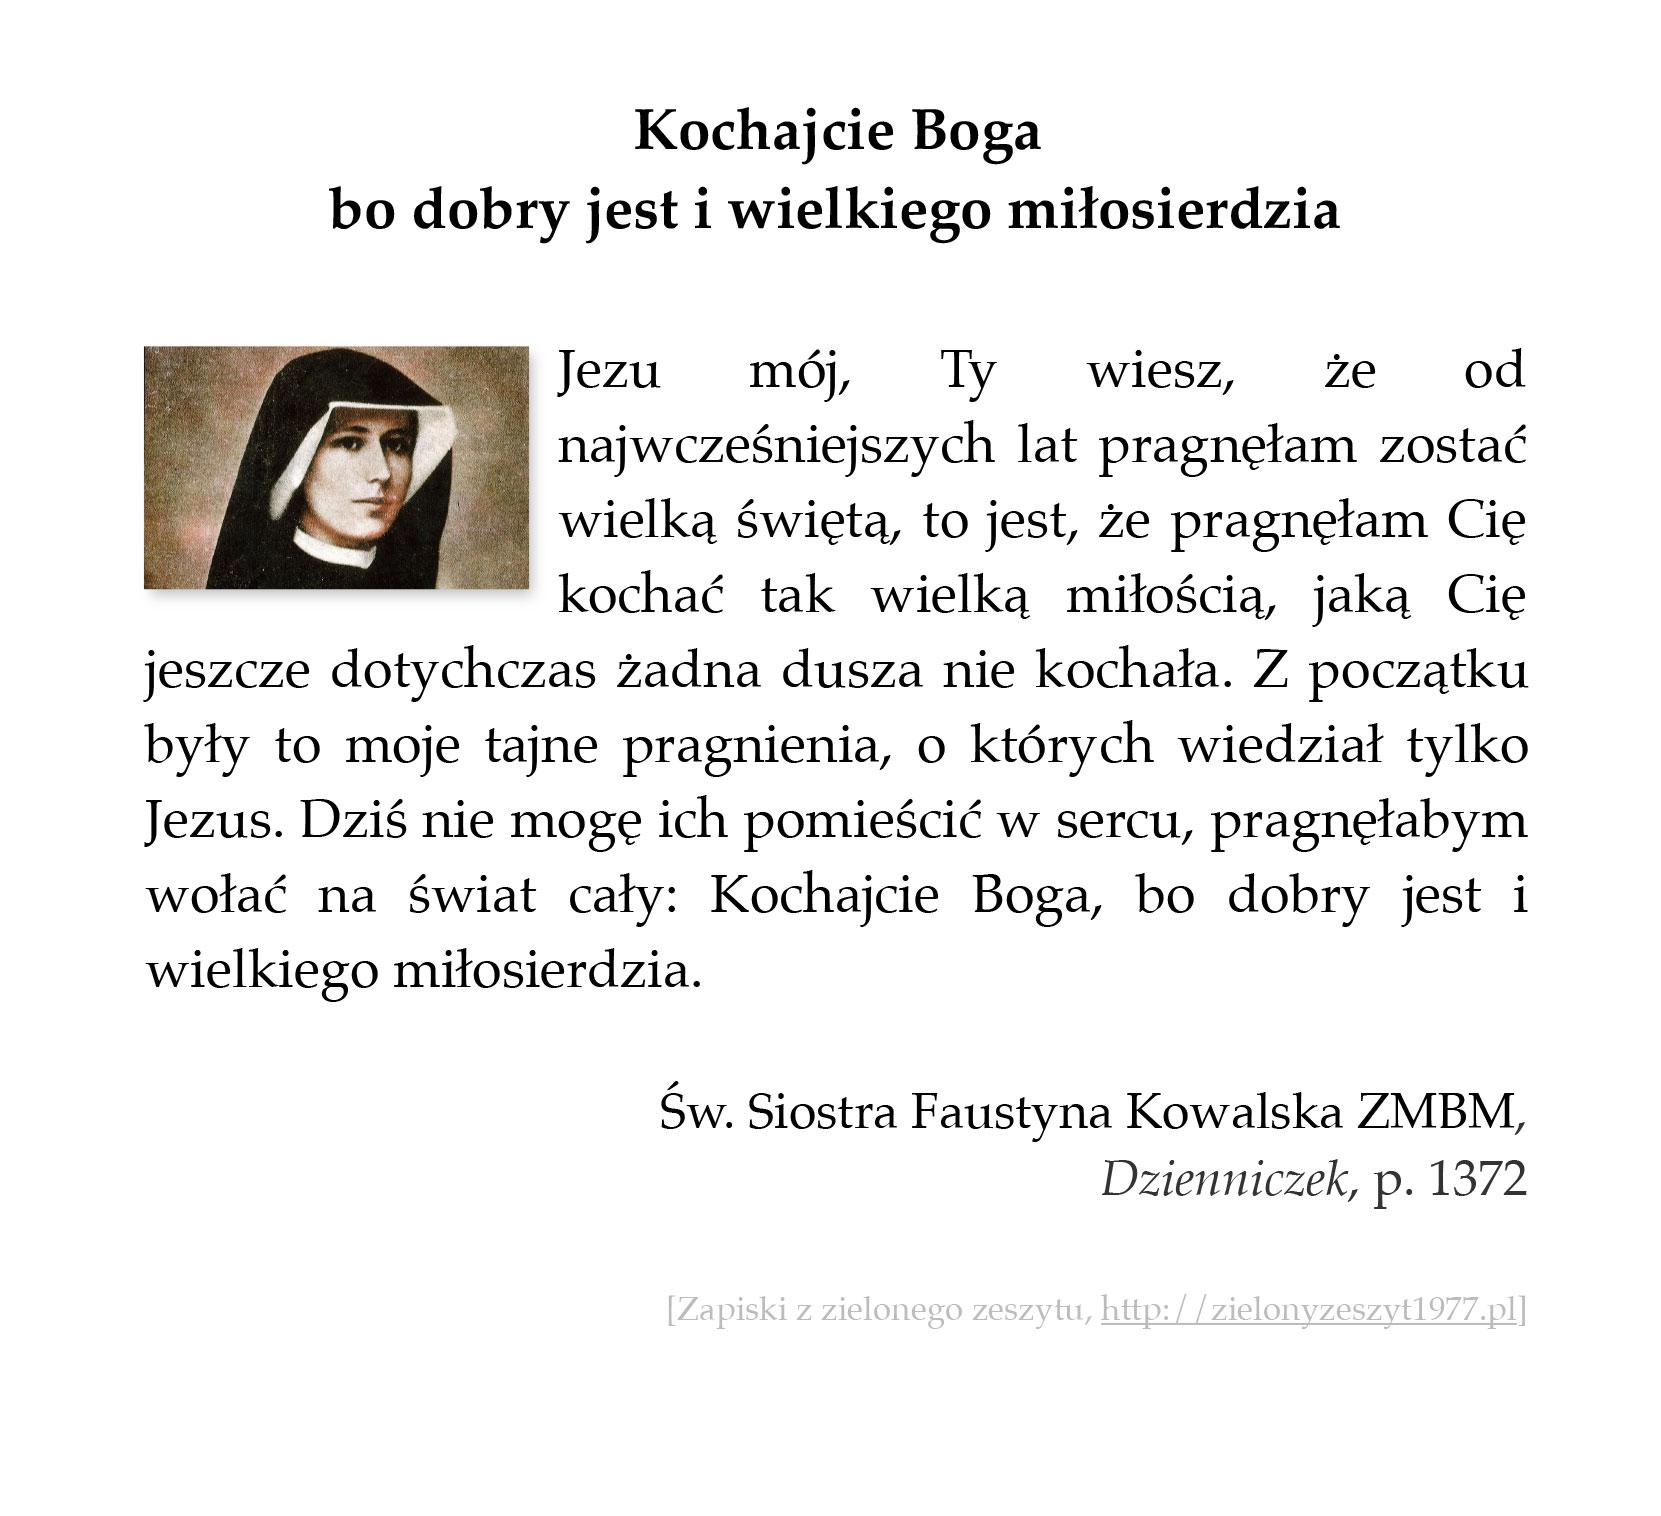 Kochajcie Boga bo dobry jest i wielkiego miłosierdzia; św. Faustyna Kowalska